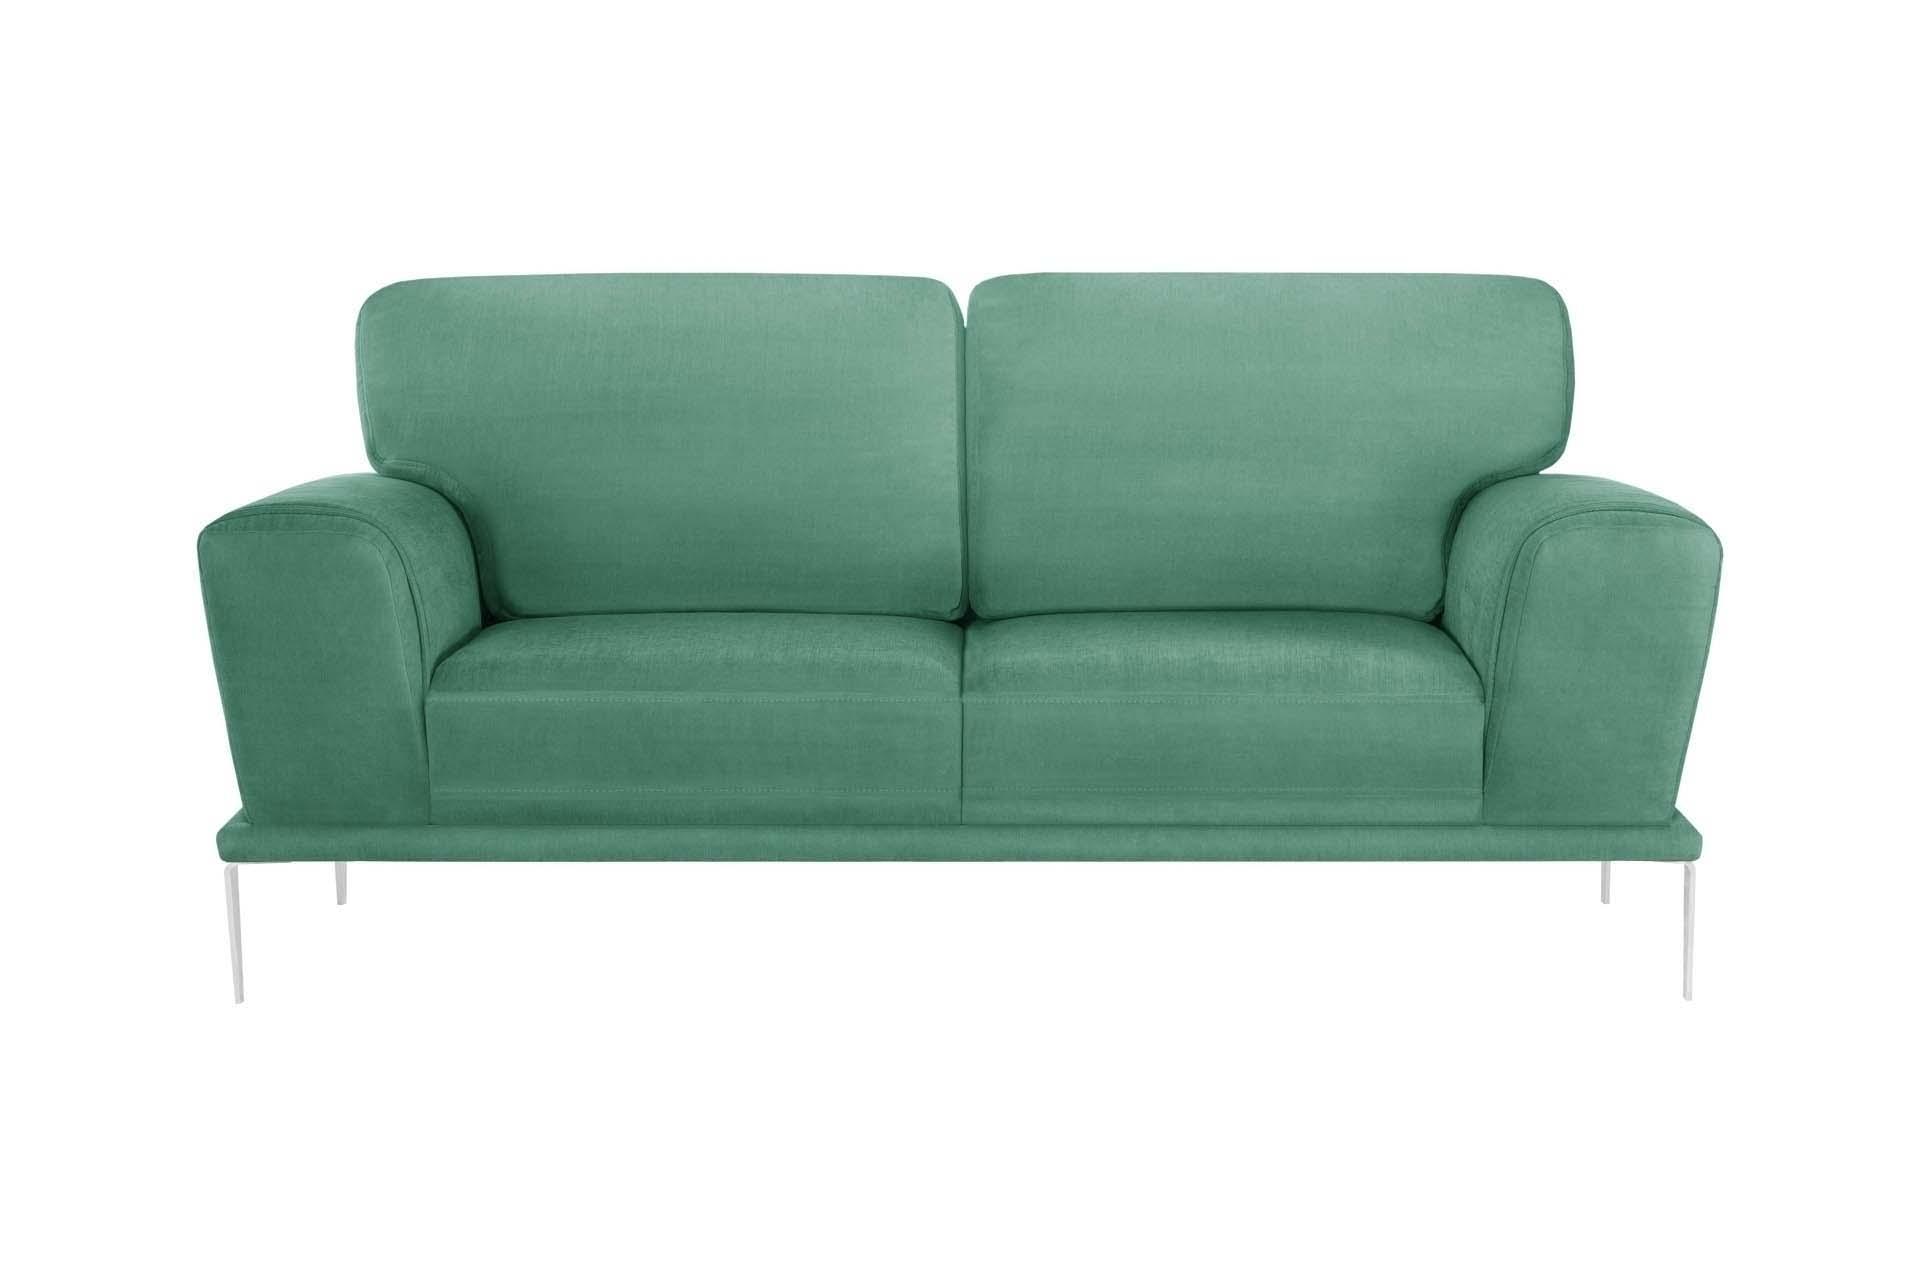 Canapé 2 places toucher coton menthe